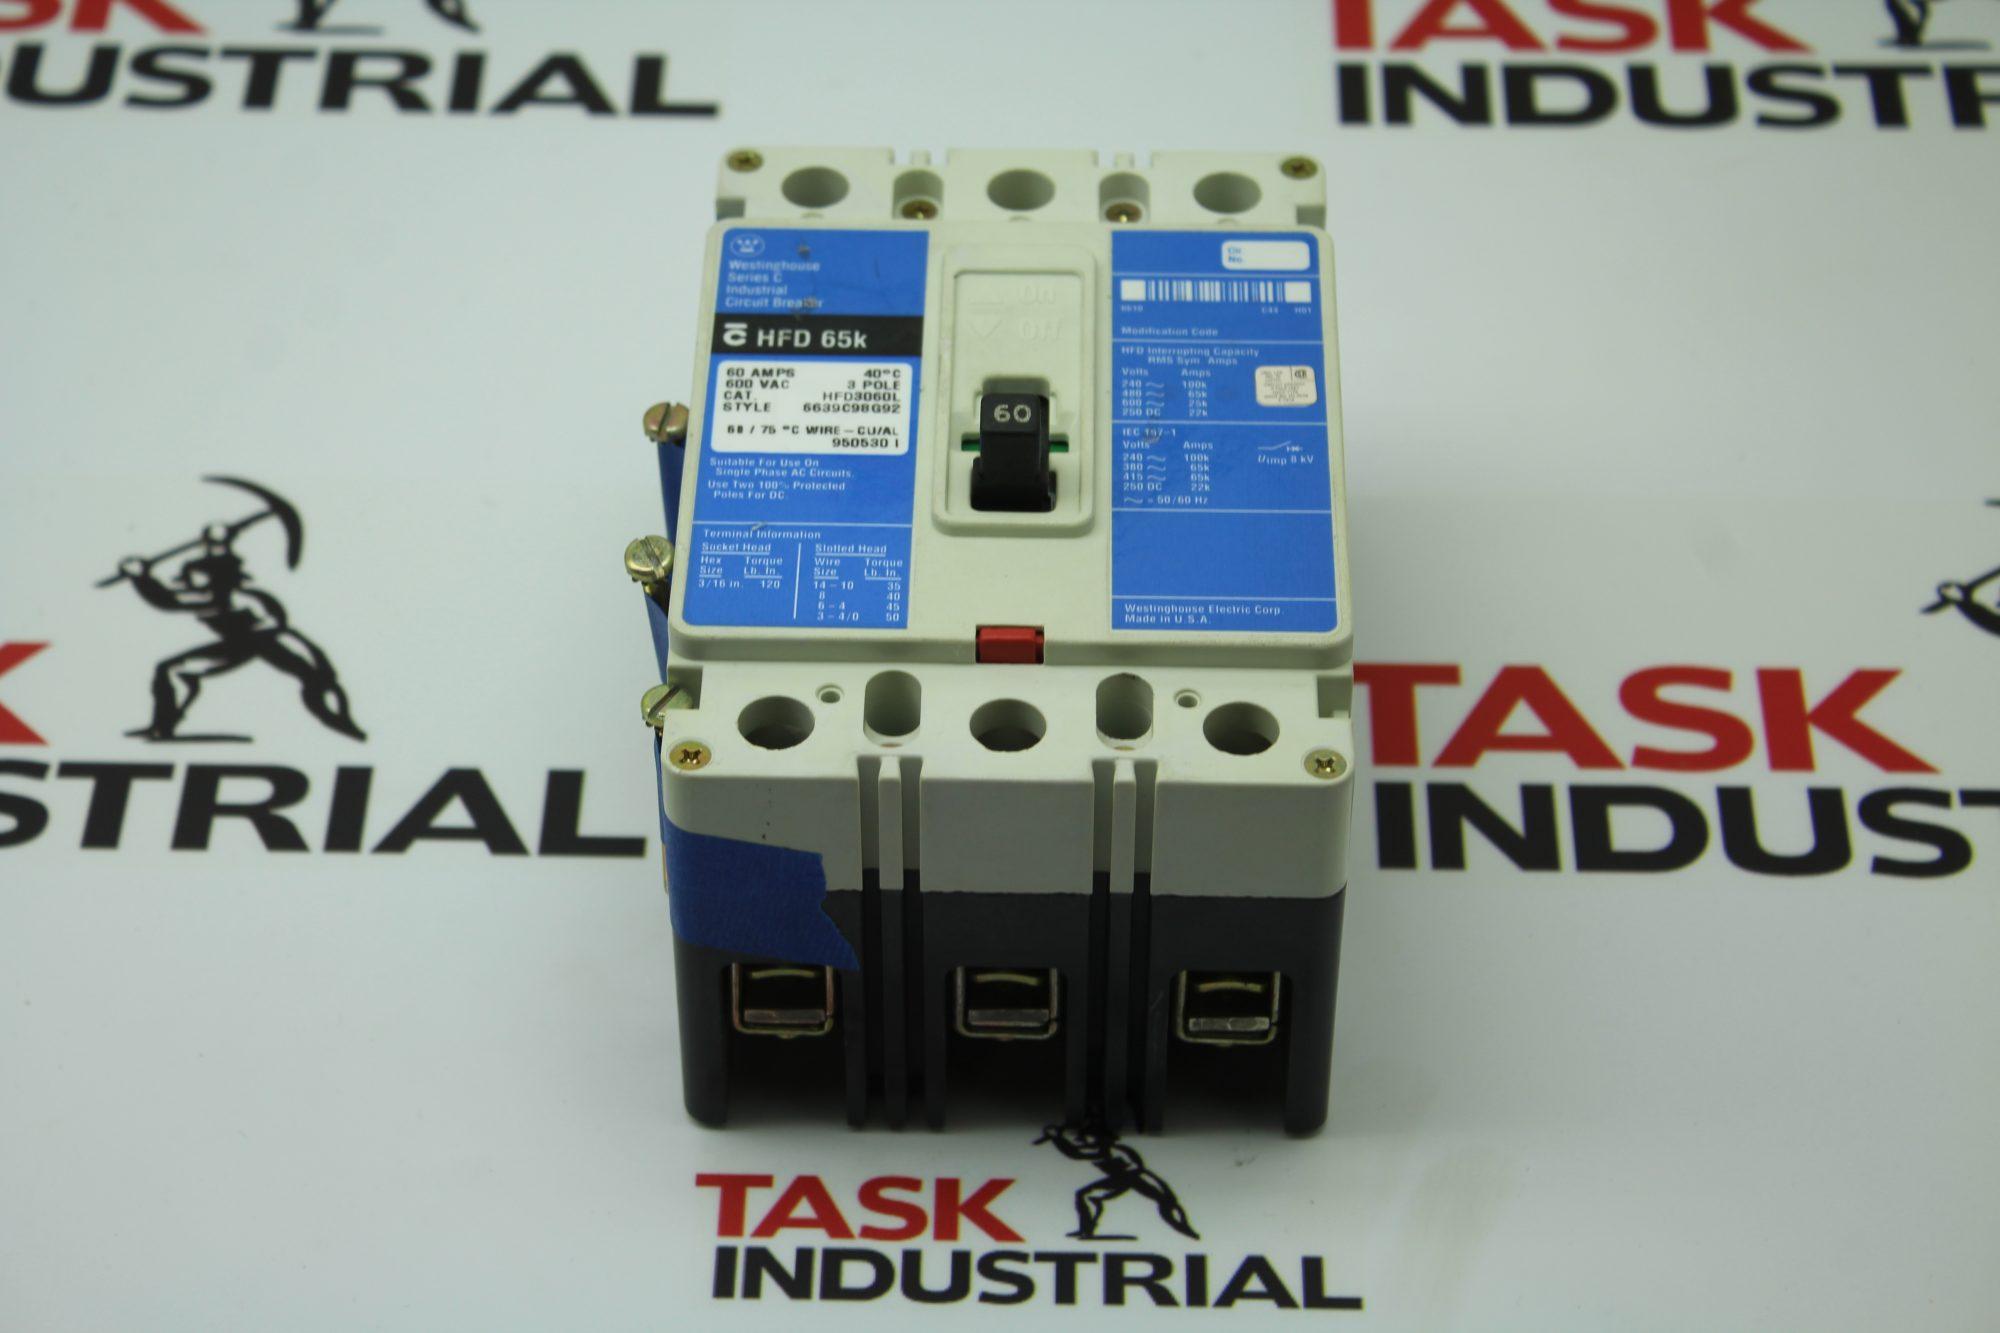 Westinghouse Series C HFD 65k Circuit Breaker.